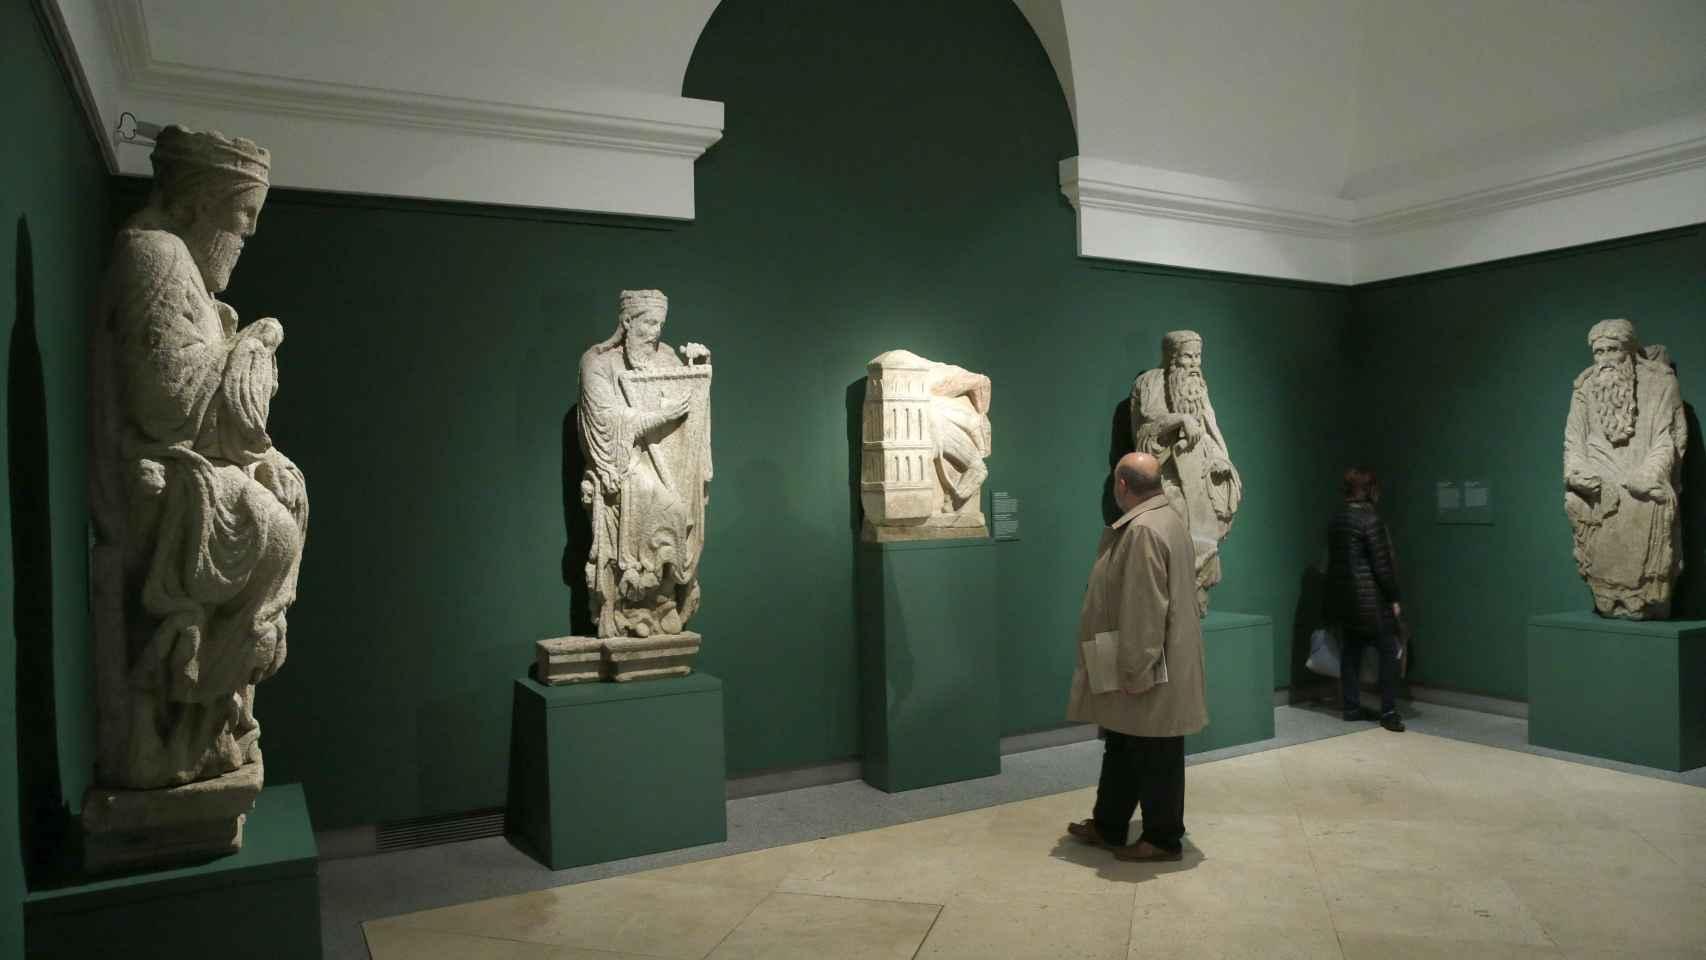 El Museo del Prado presenta Maestro Mateo, una muestra monográfica con obras realizas por el Maestro Mateo para la catedral de Santiago de Compostela que incluye piezas que fueron retiradas de su emplazamiento original.